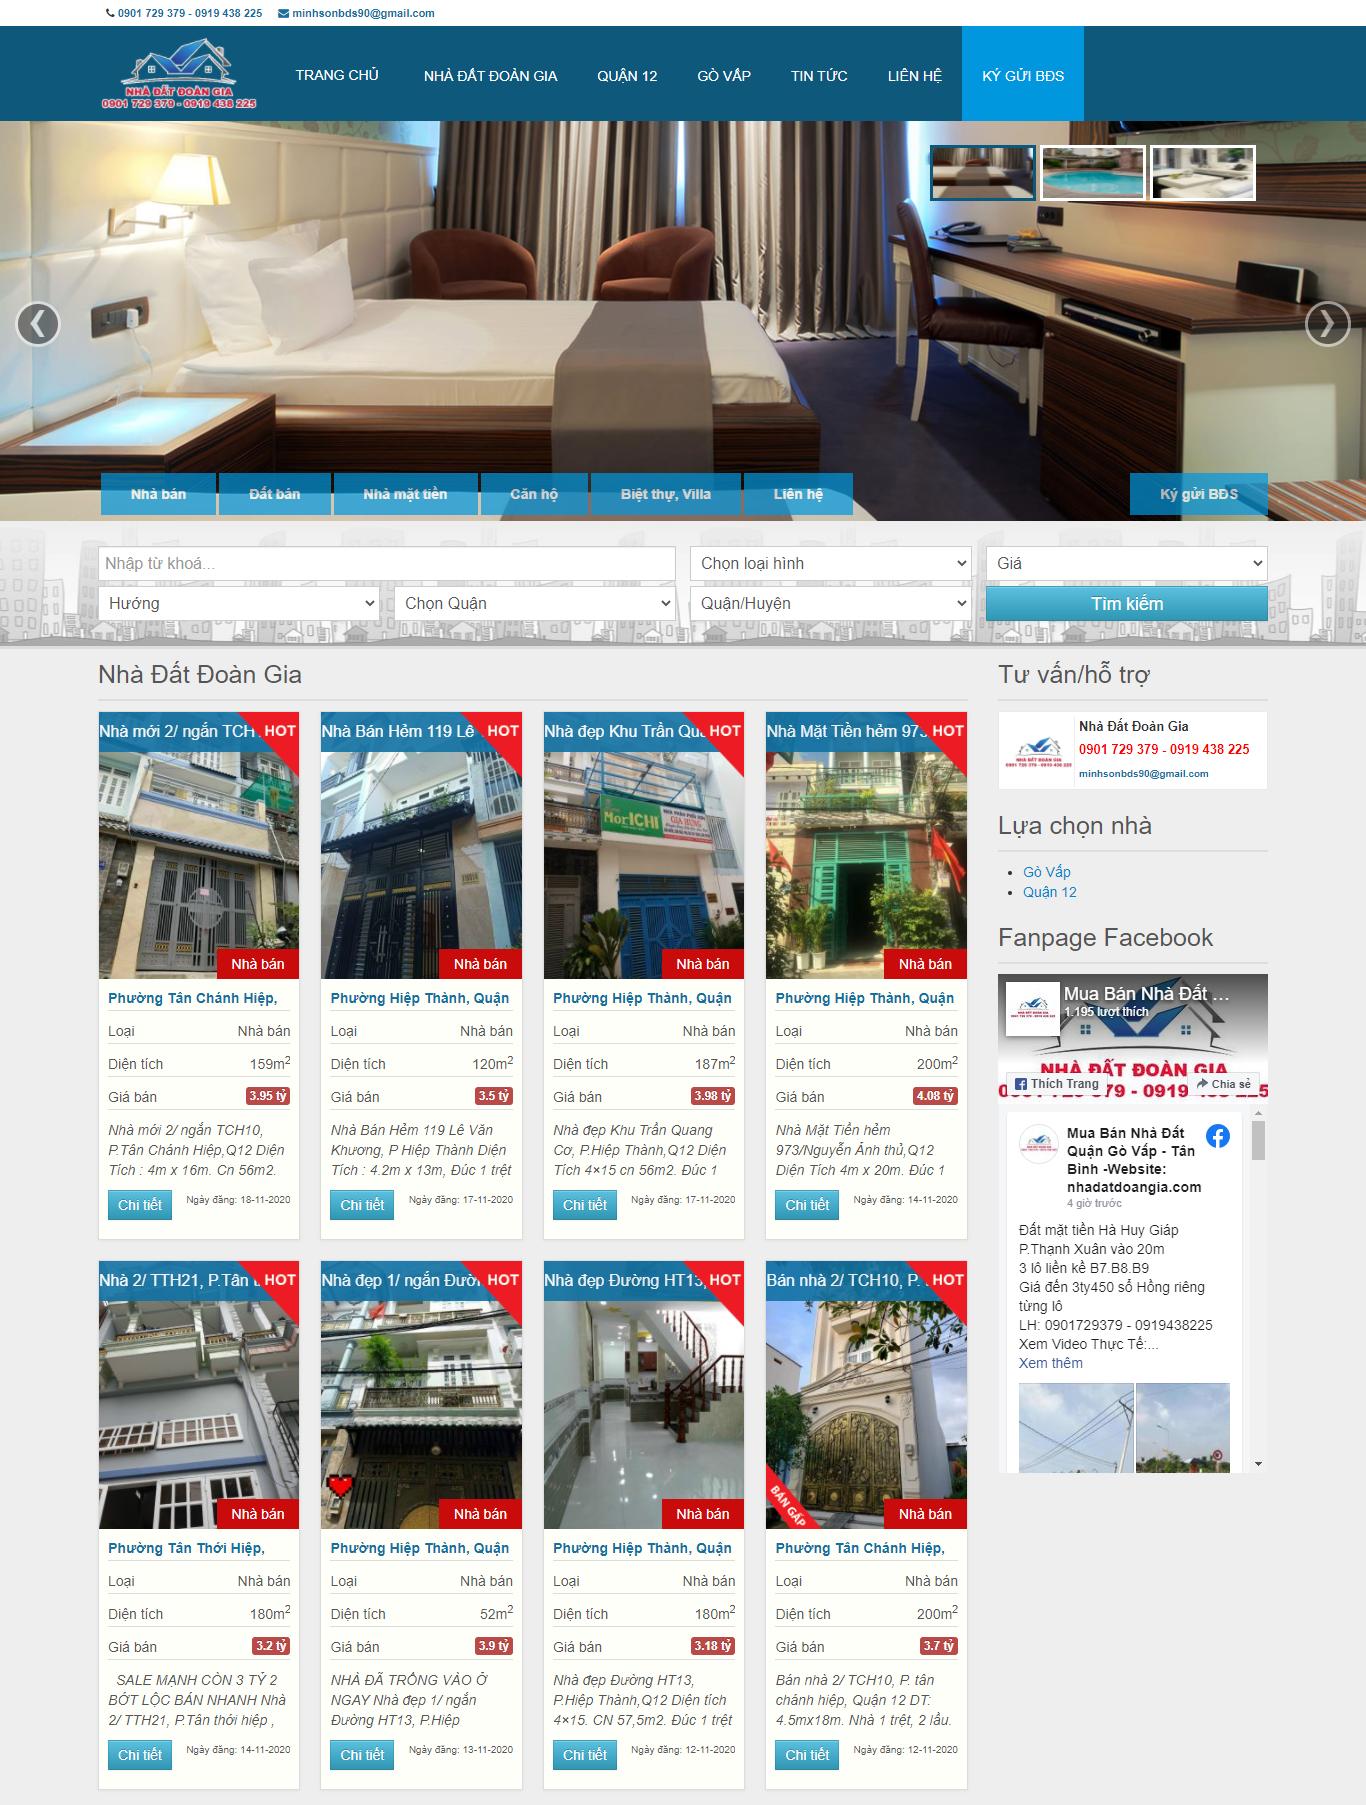 Thiết kế website bất động sản nhadatdoangia.com